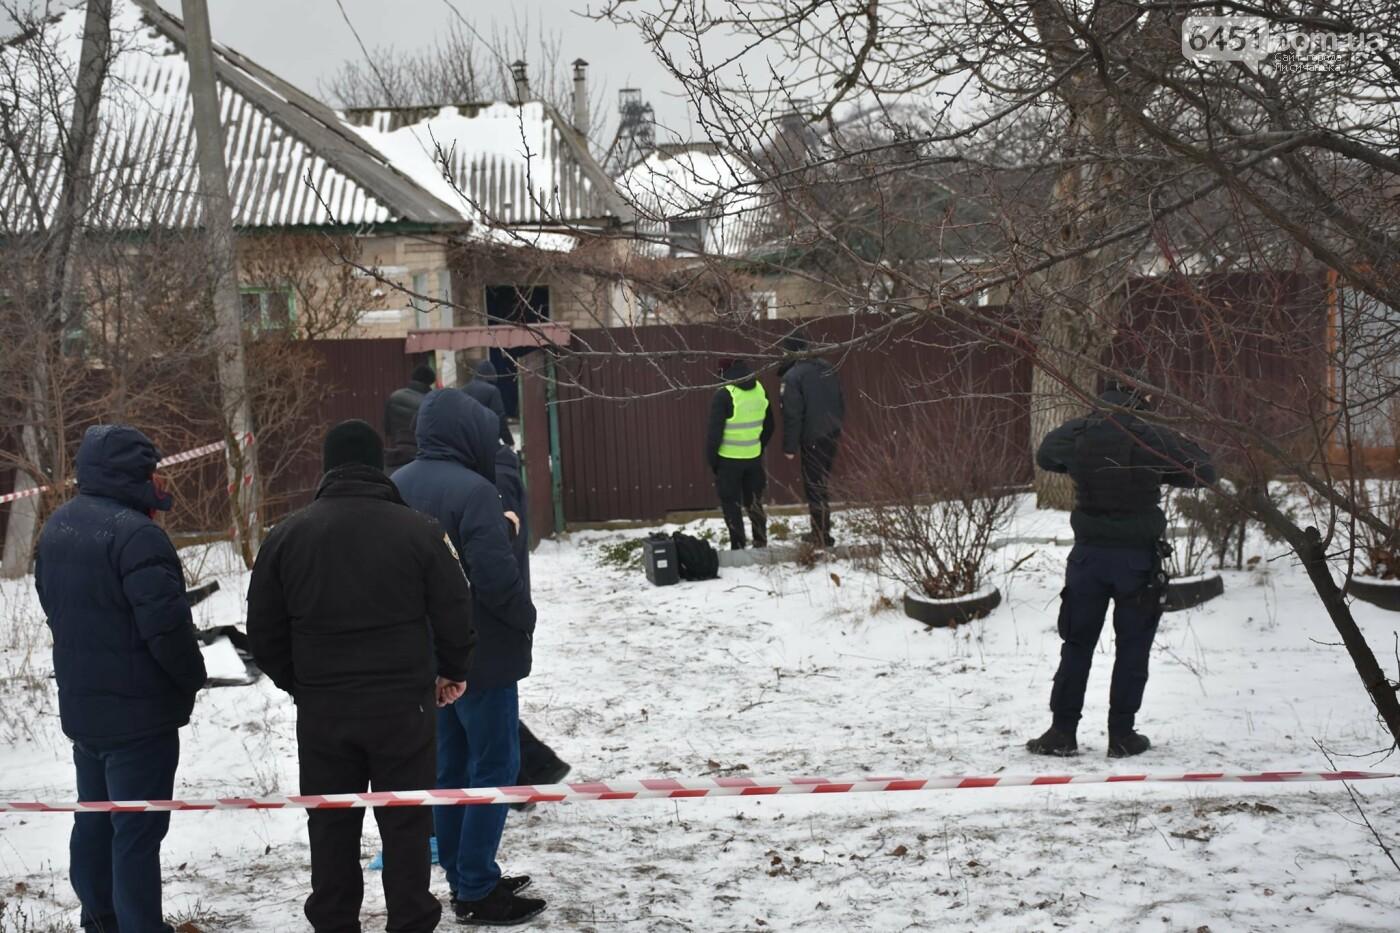 В Лисичанске мужчина убил и расчленил тело собутыльника, фото-3, Полиция Луганской области